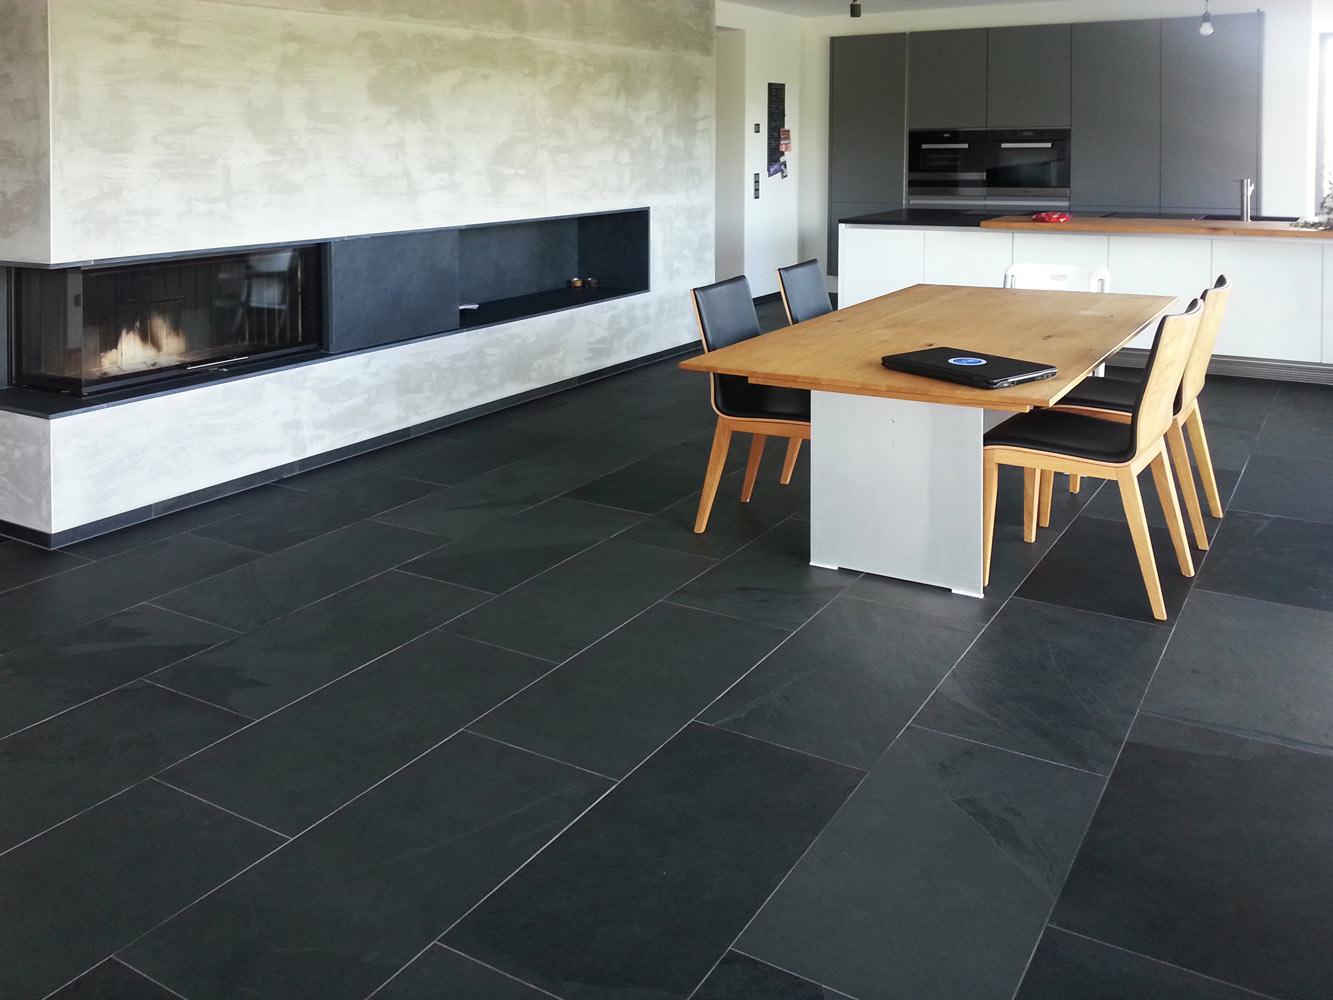 schiefer absolut negra fliesen aus stein. Black Bedroom Furniture Sets. Home Design Ideas